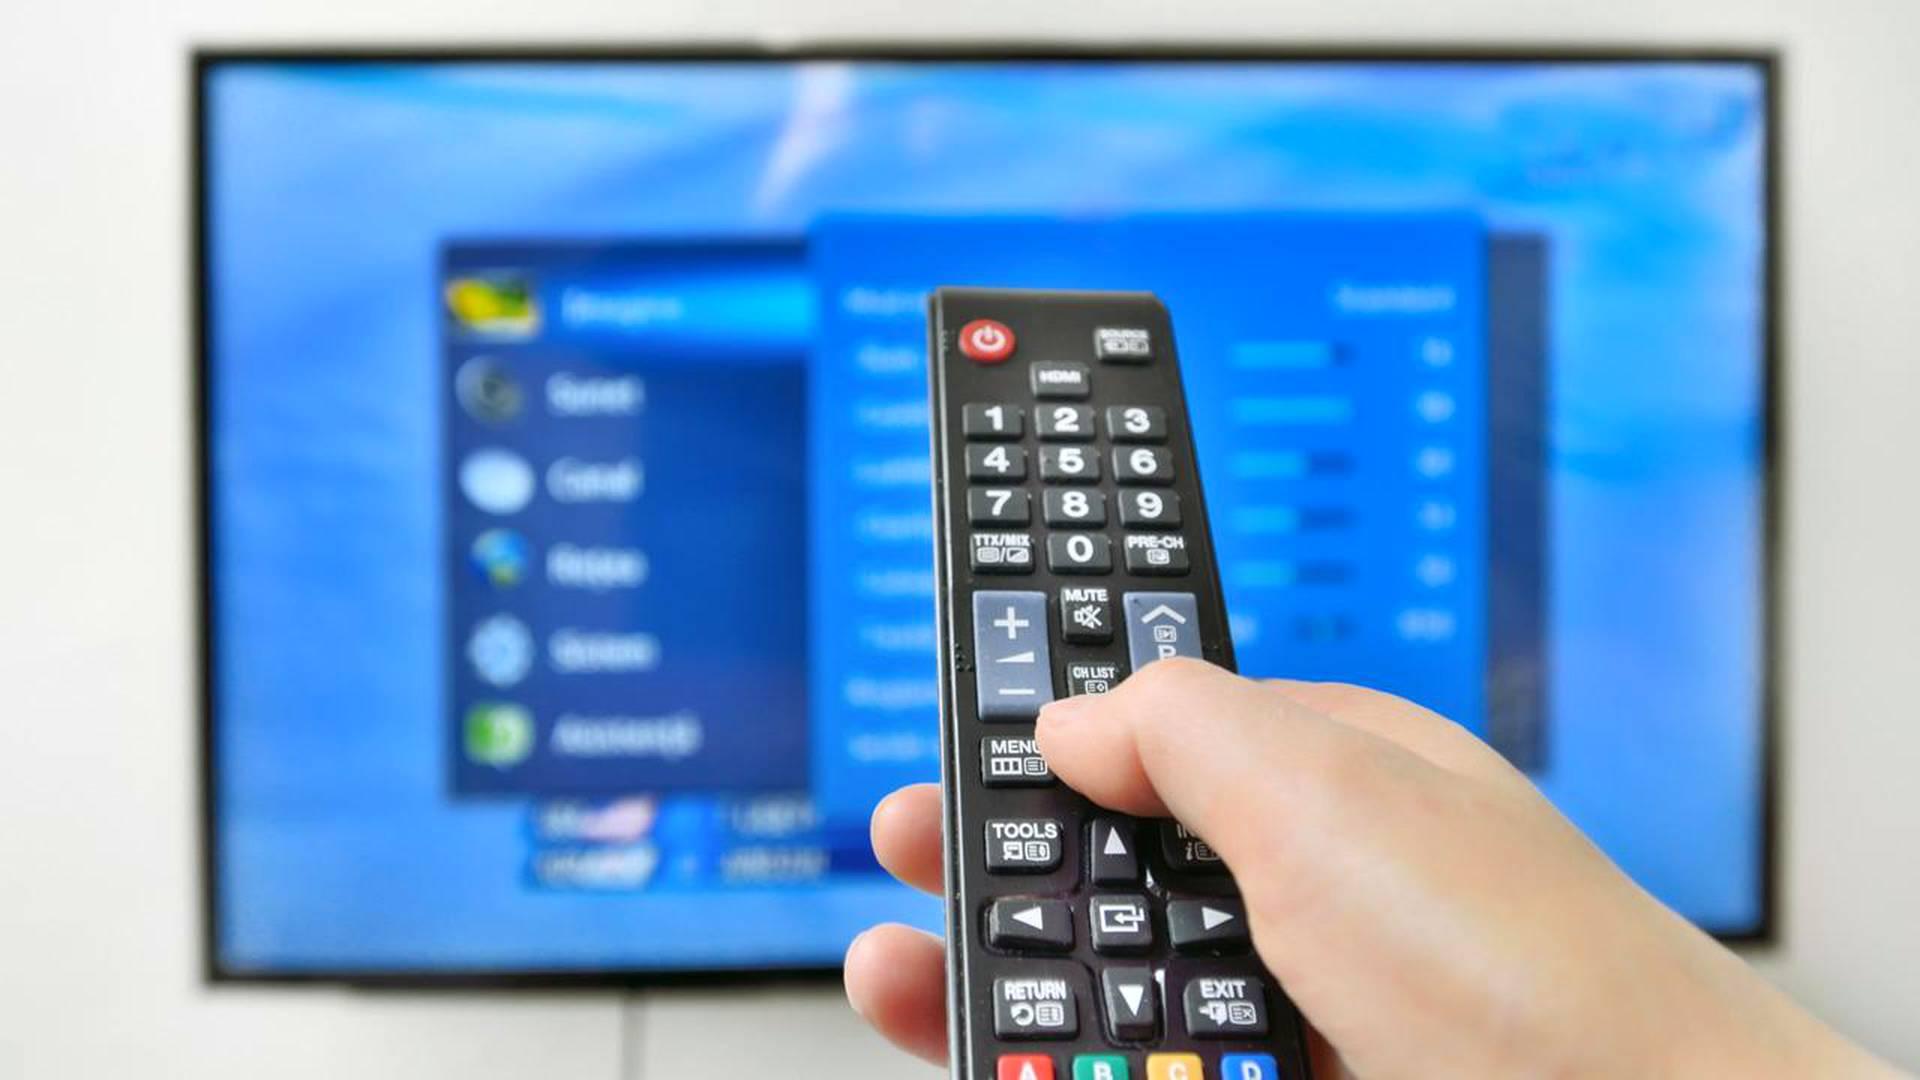 Kytkeä tele vision Internetiin